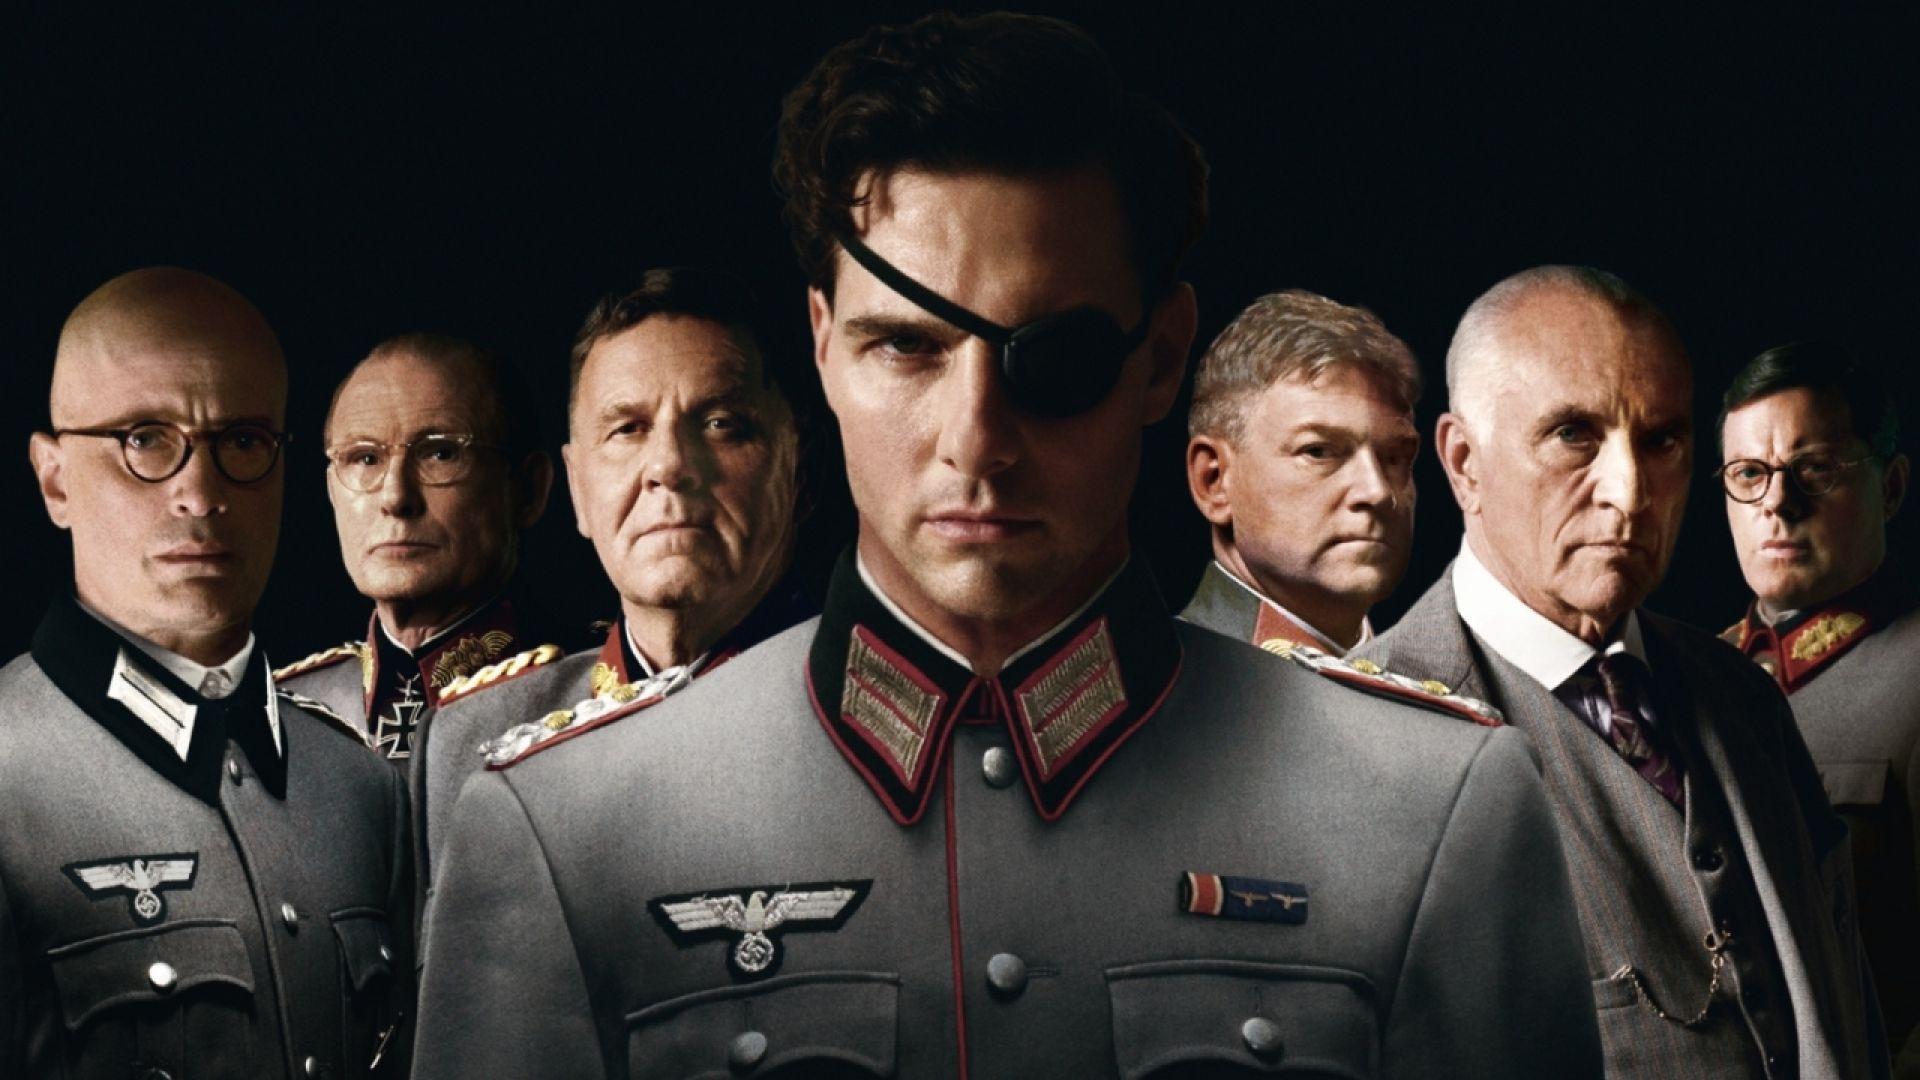 Americký historický thriller bol natočený roku 2008 a je zasadený do  obdobia nacistického Nemecka počas druhej svetovej vojny. Film opisuje  situáciu dea247448c5